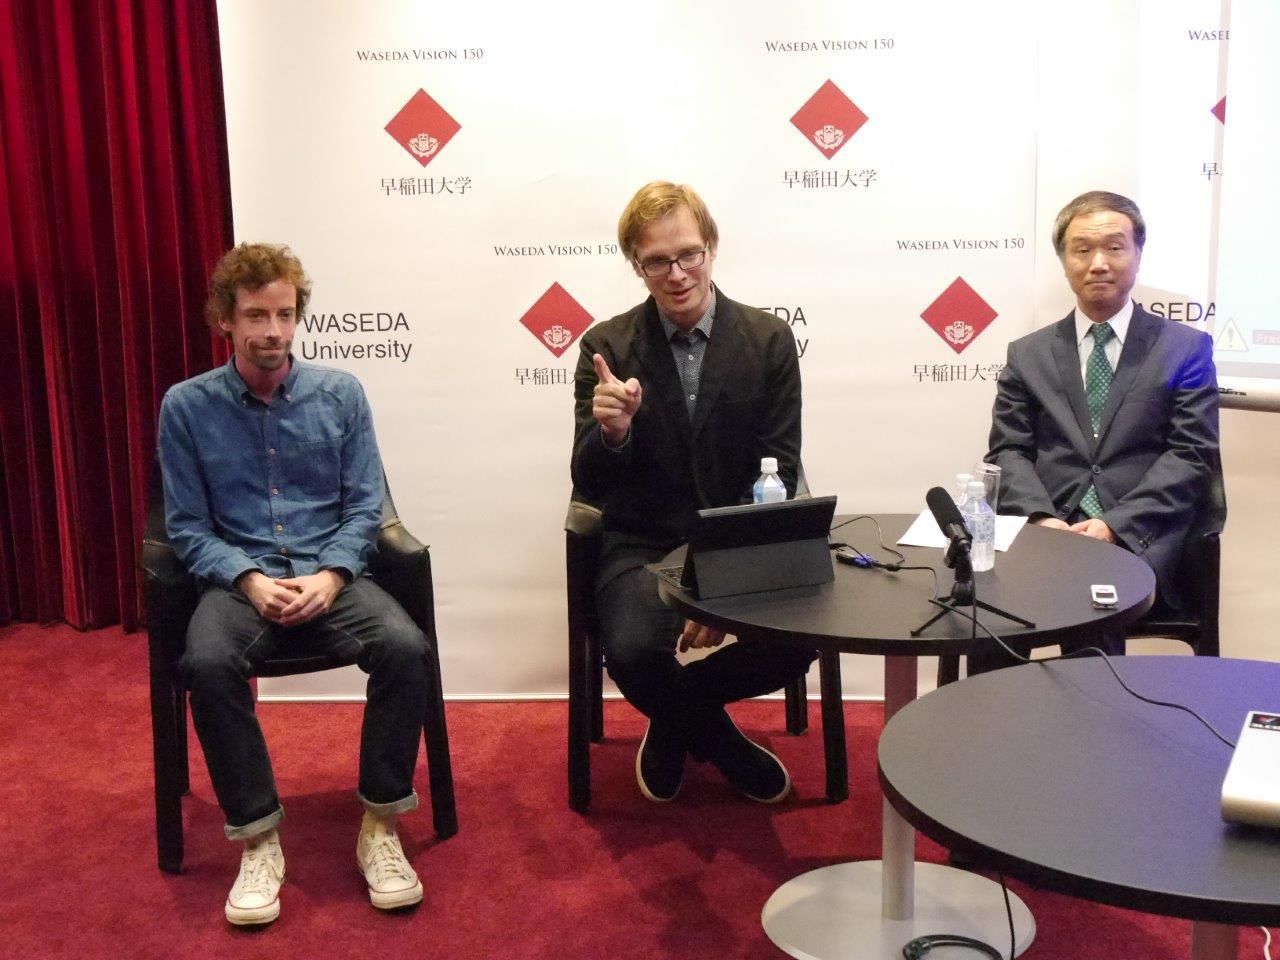 右から十重田裕一 文学学術院教授、マイケル エメリック UCLA准教授、プログラマーのマシュー ファーゴ氏